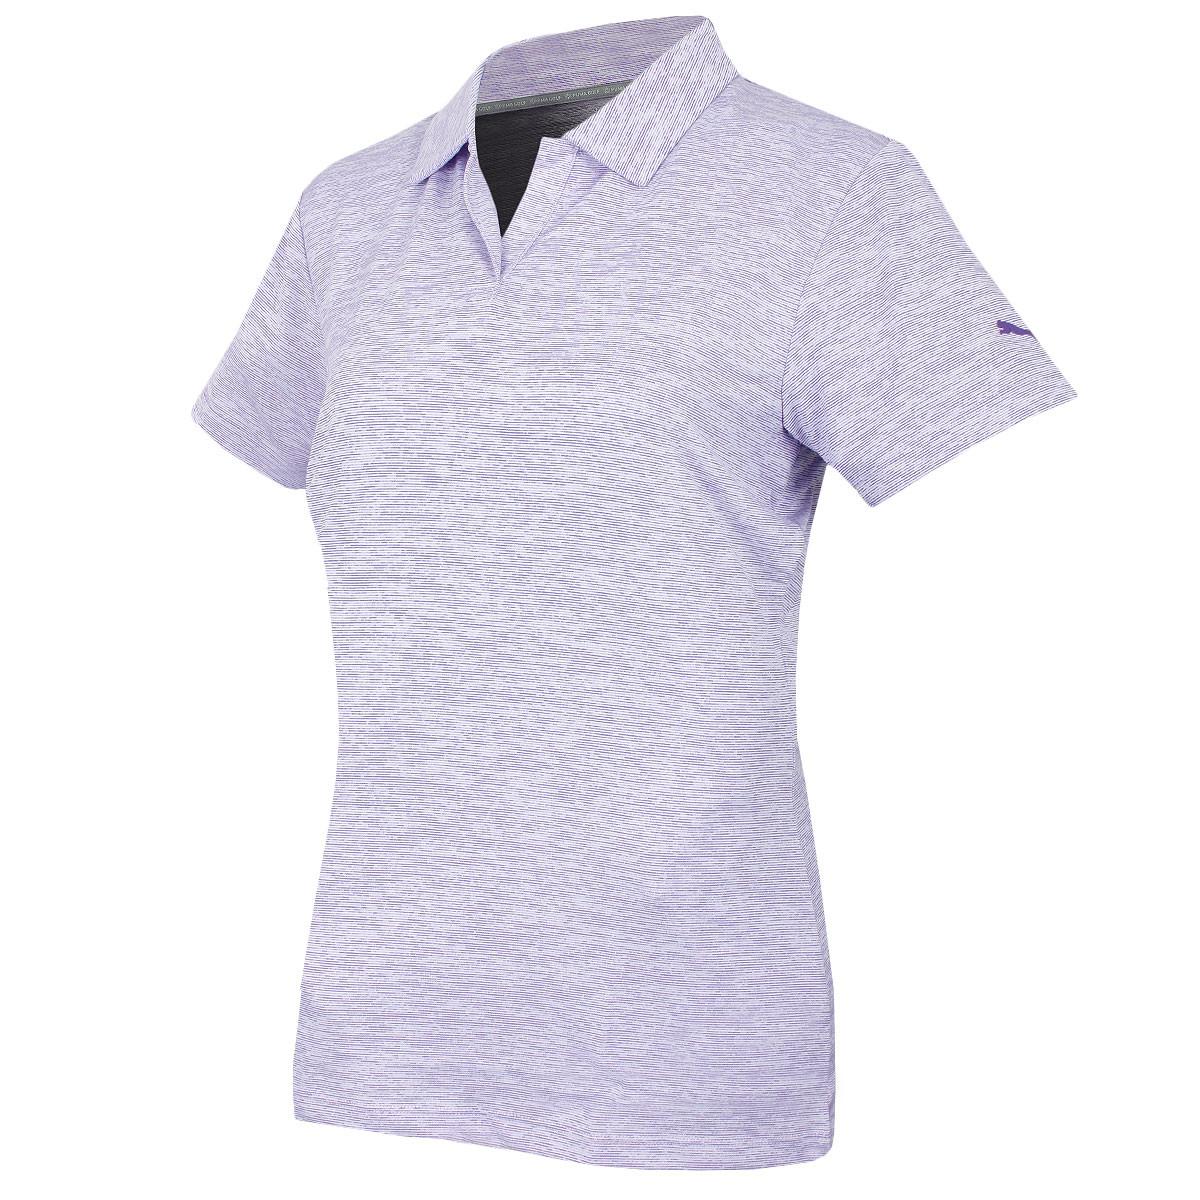 d15c9ed62c13 Puma Golf Womens Space Dye Polo Shirt - Golf Polo Shirts - Women - Golf